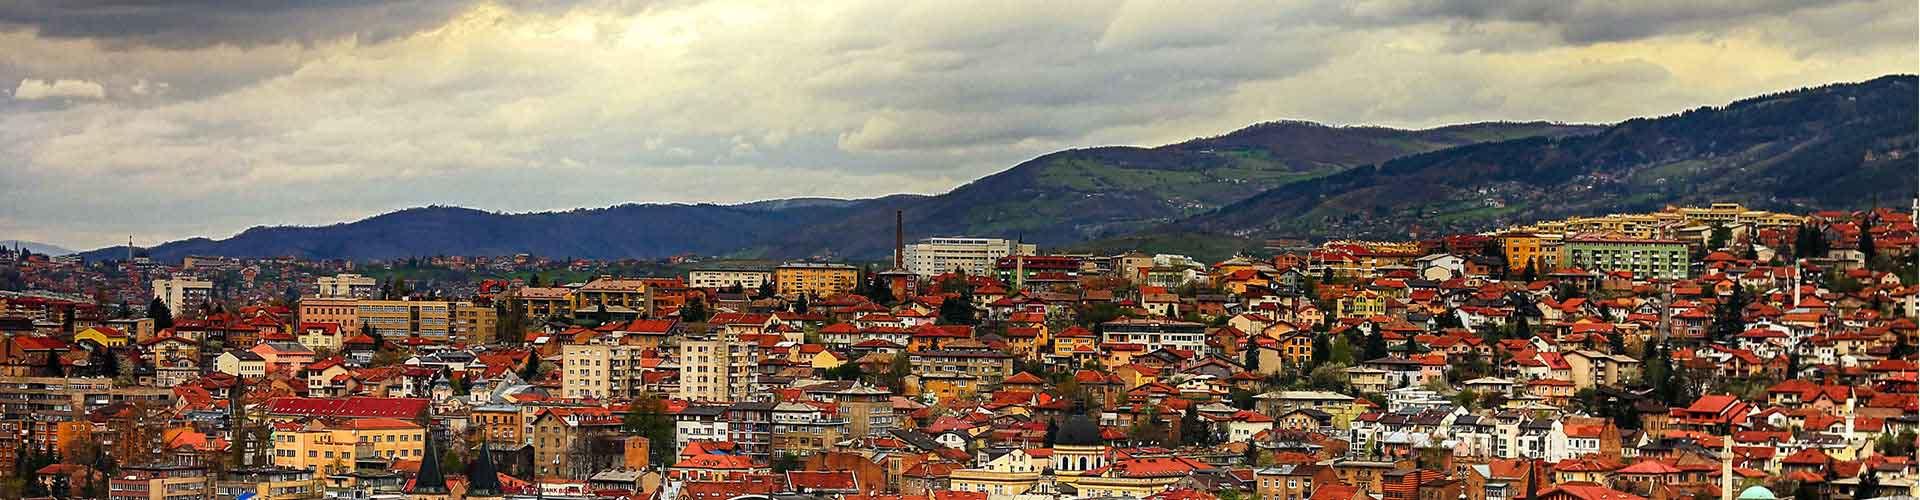 Sarajevo - Campamentos en Sarajevo. Mapas de Sarajevo, Fotos y comentarios de cada Campamento en Sarajevo.